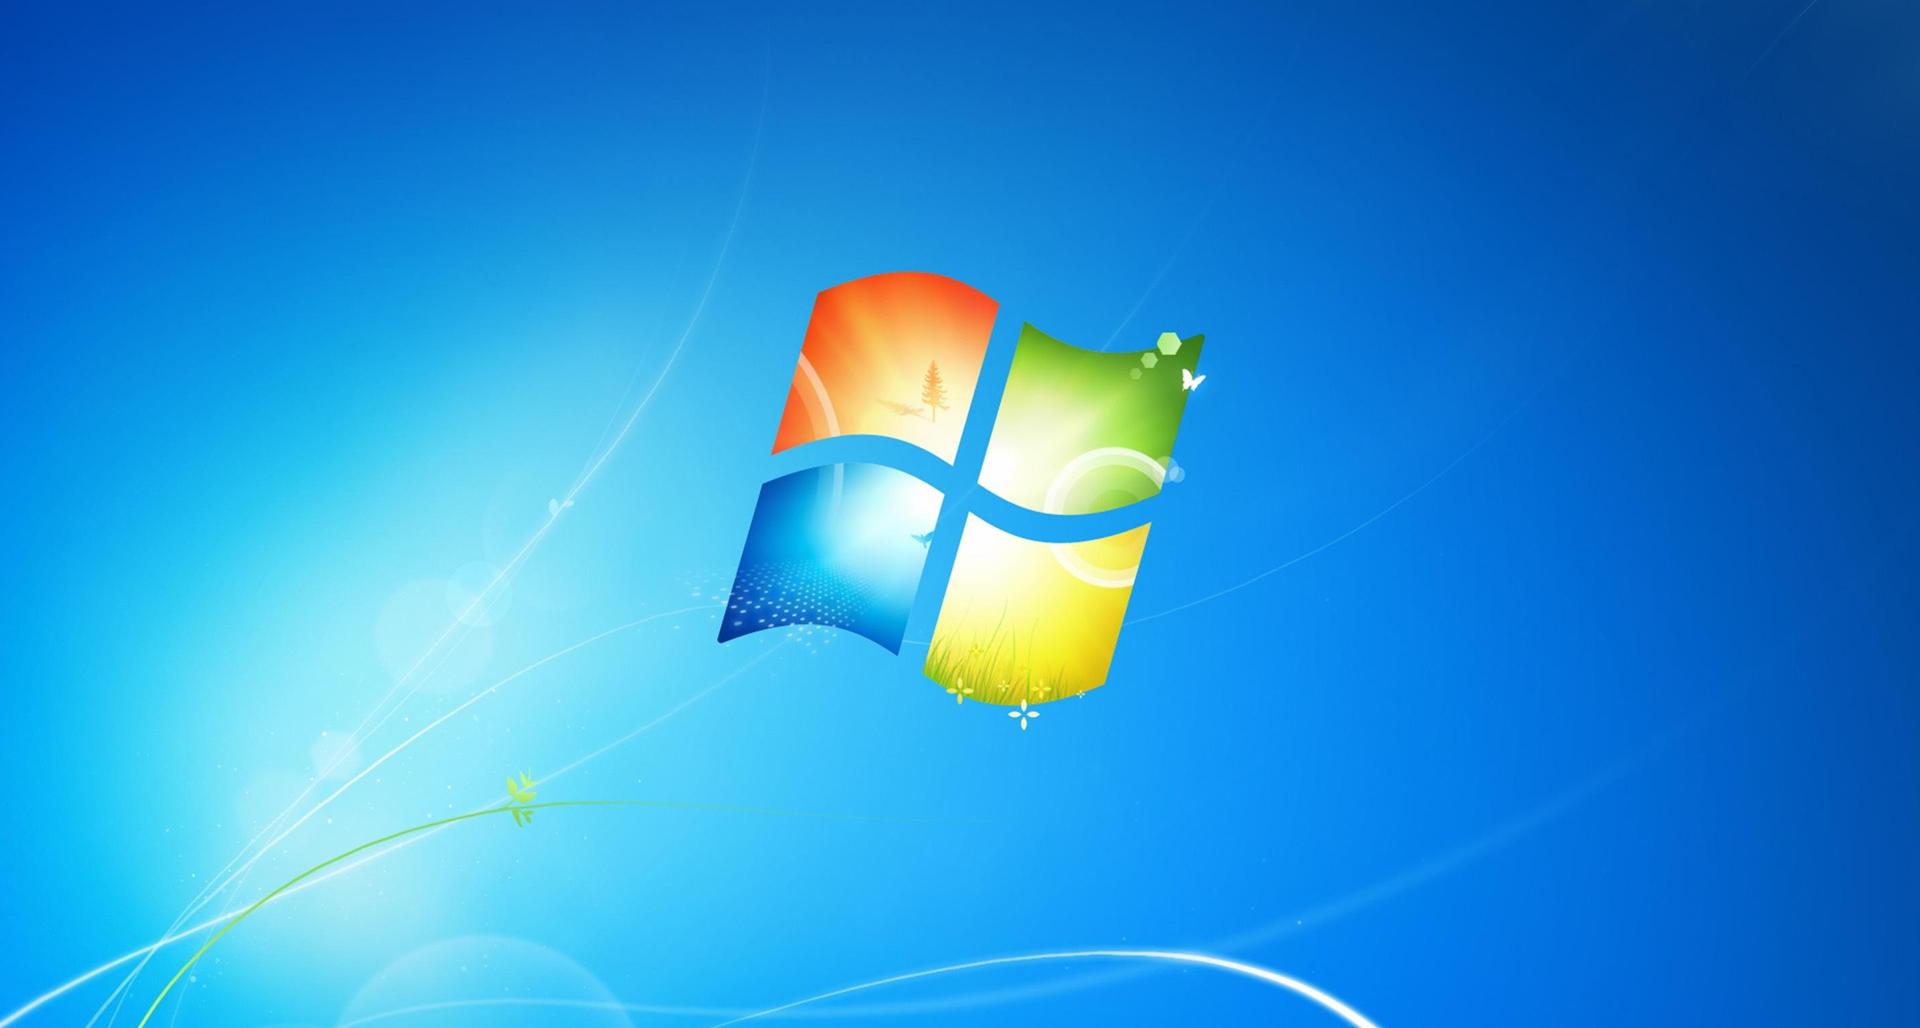 Unterstützung für Windows 7 schließt diese Woche. Erfahren Sie, wie Sie kostenlos upgraden können